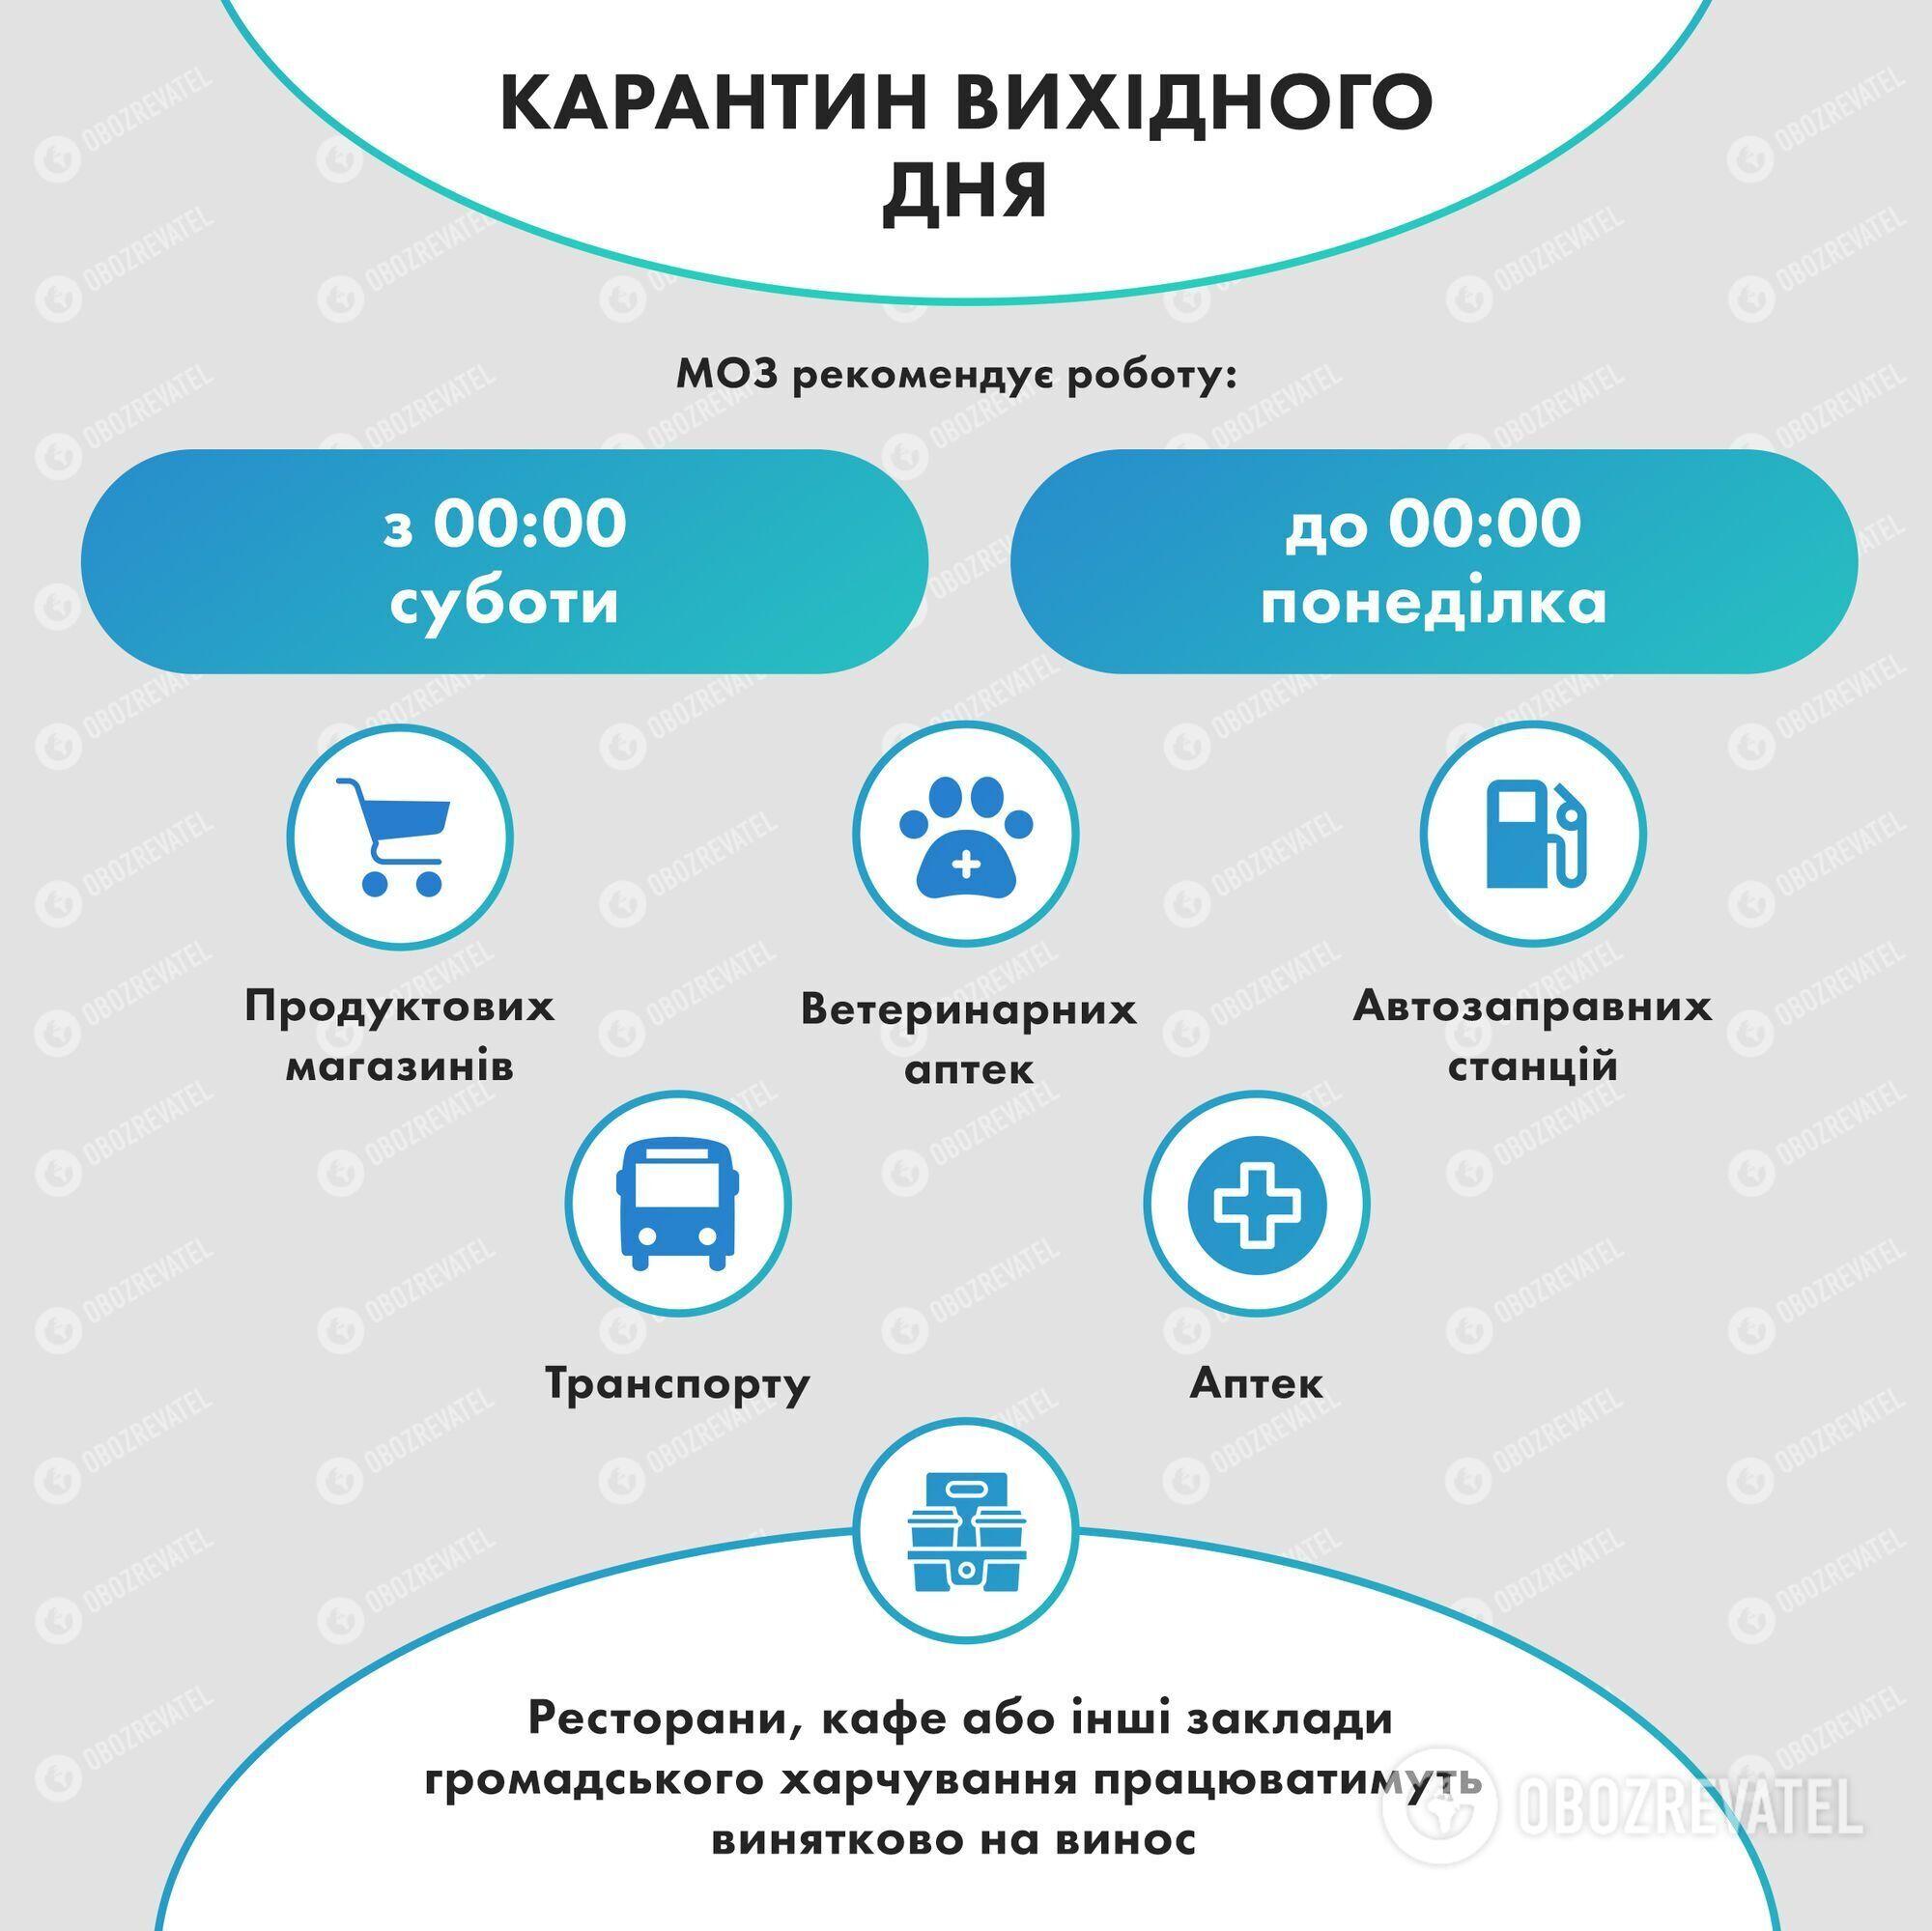 Кабмін ввів карантин вихідного дня в Україні: що не працюватиме